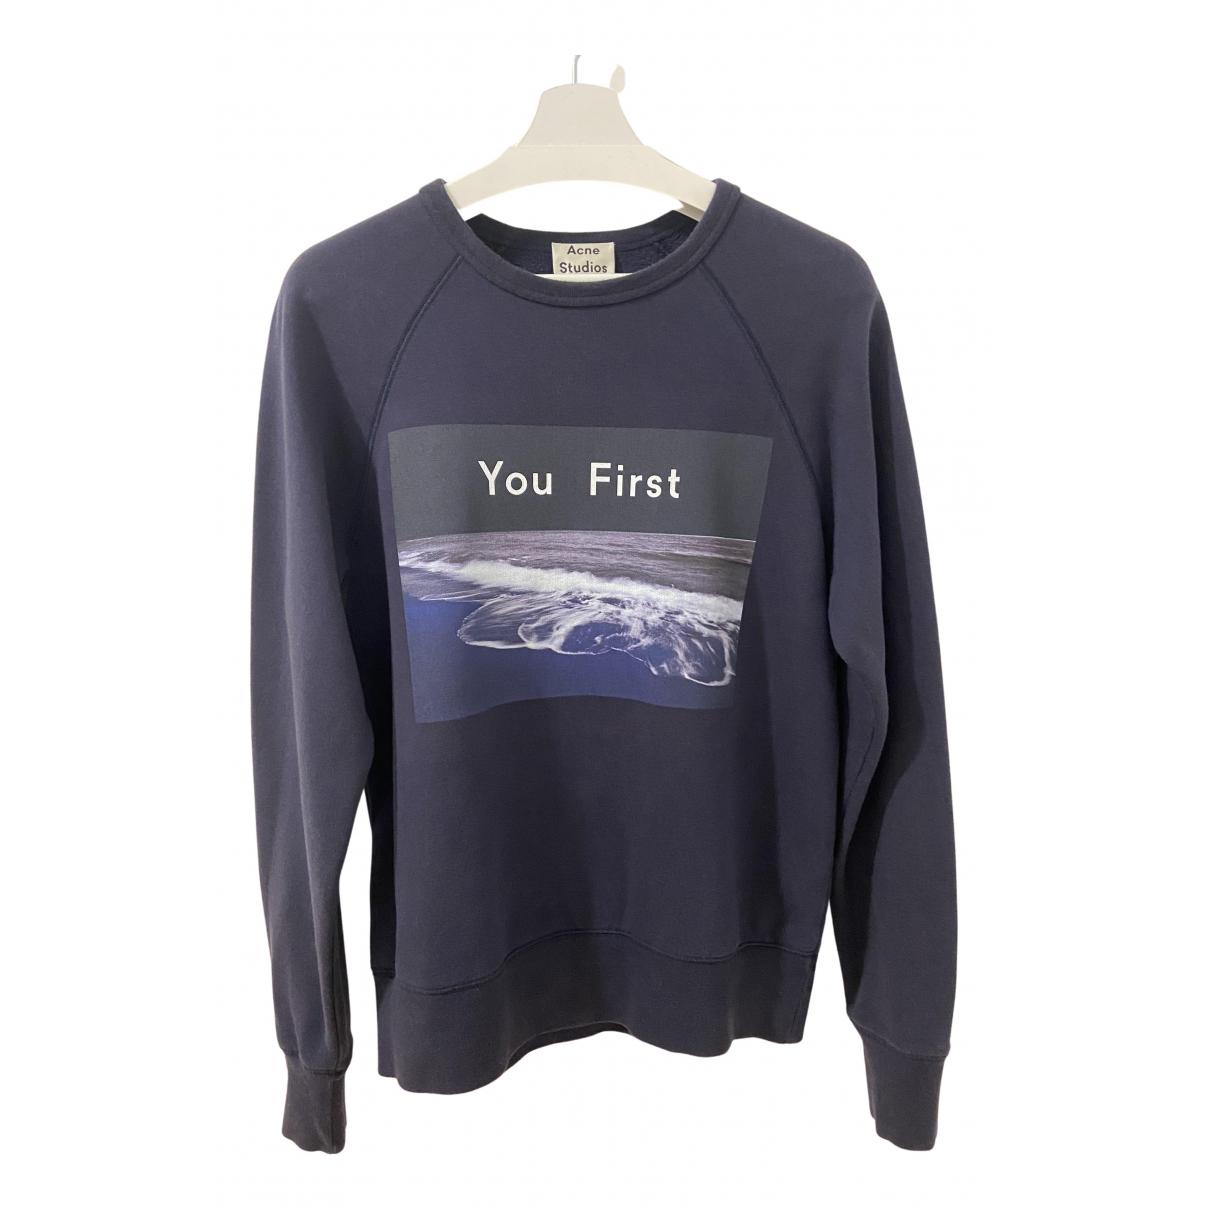 Acne Studios N Blue Cotton Knitwear & Sweatshirts for Men XS International